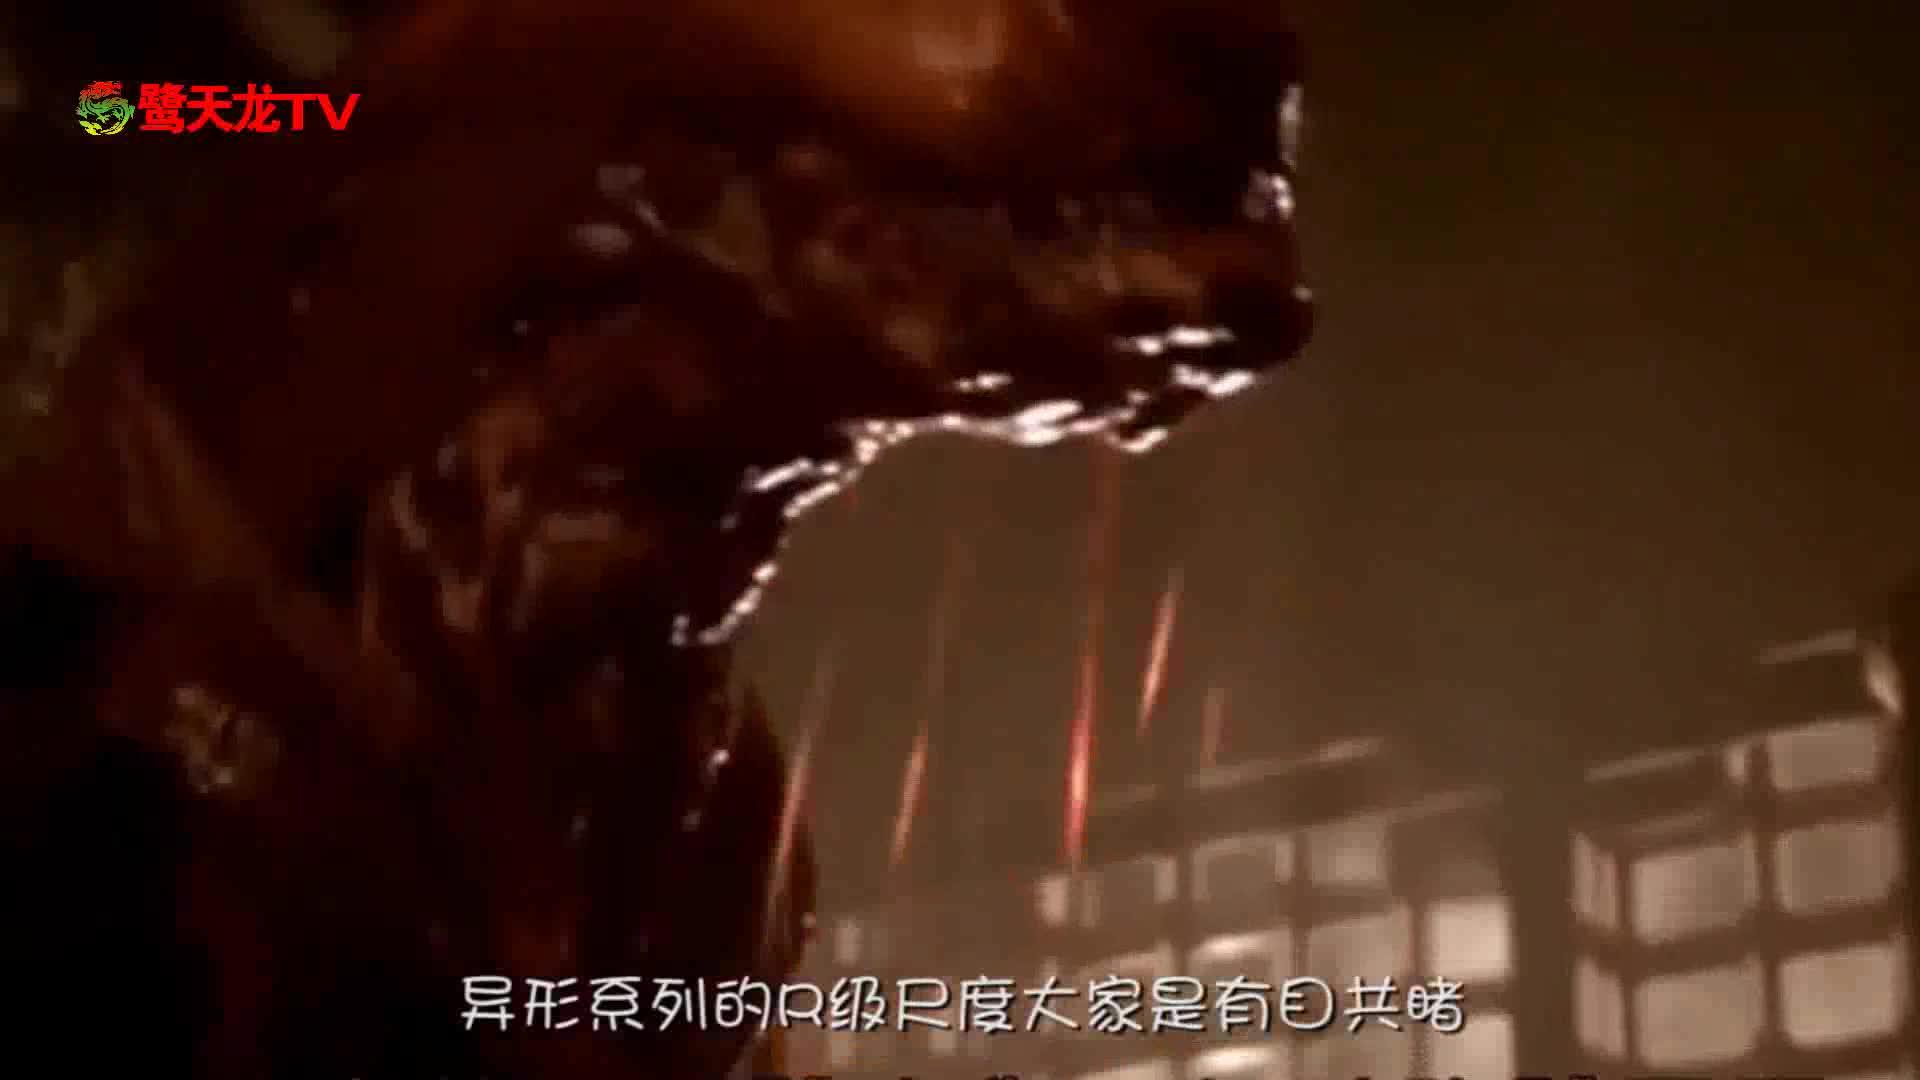 《异形》的前世今生,论最恶心反胃的死法!